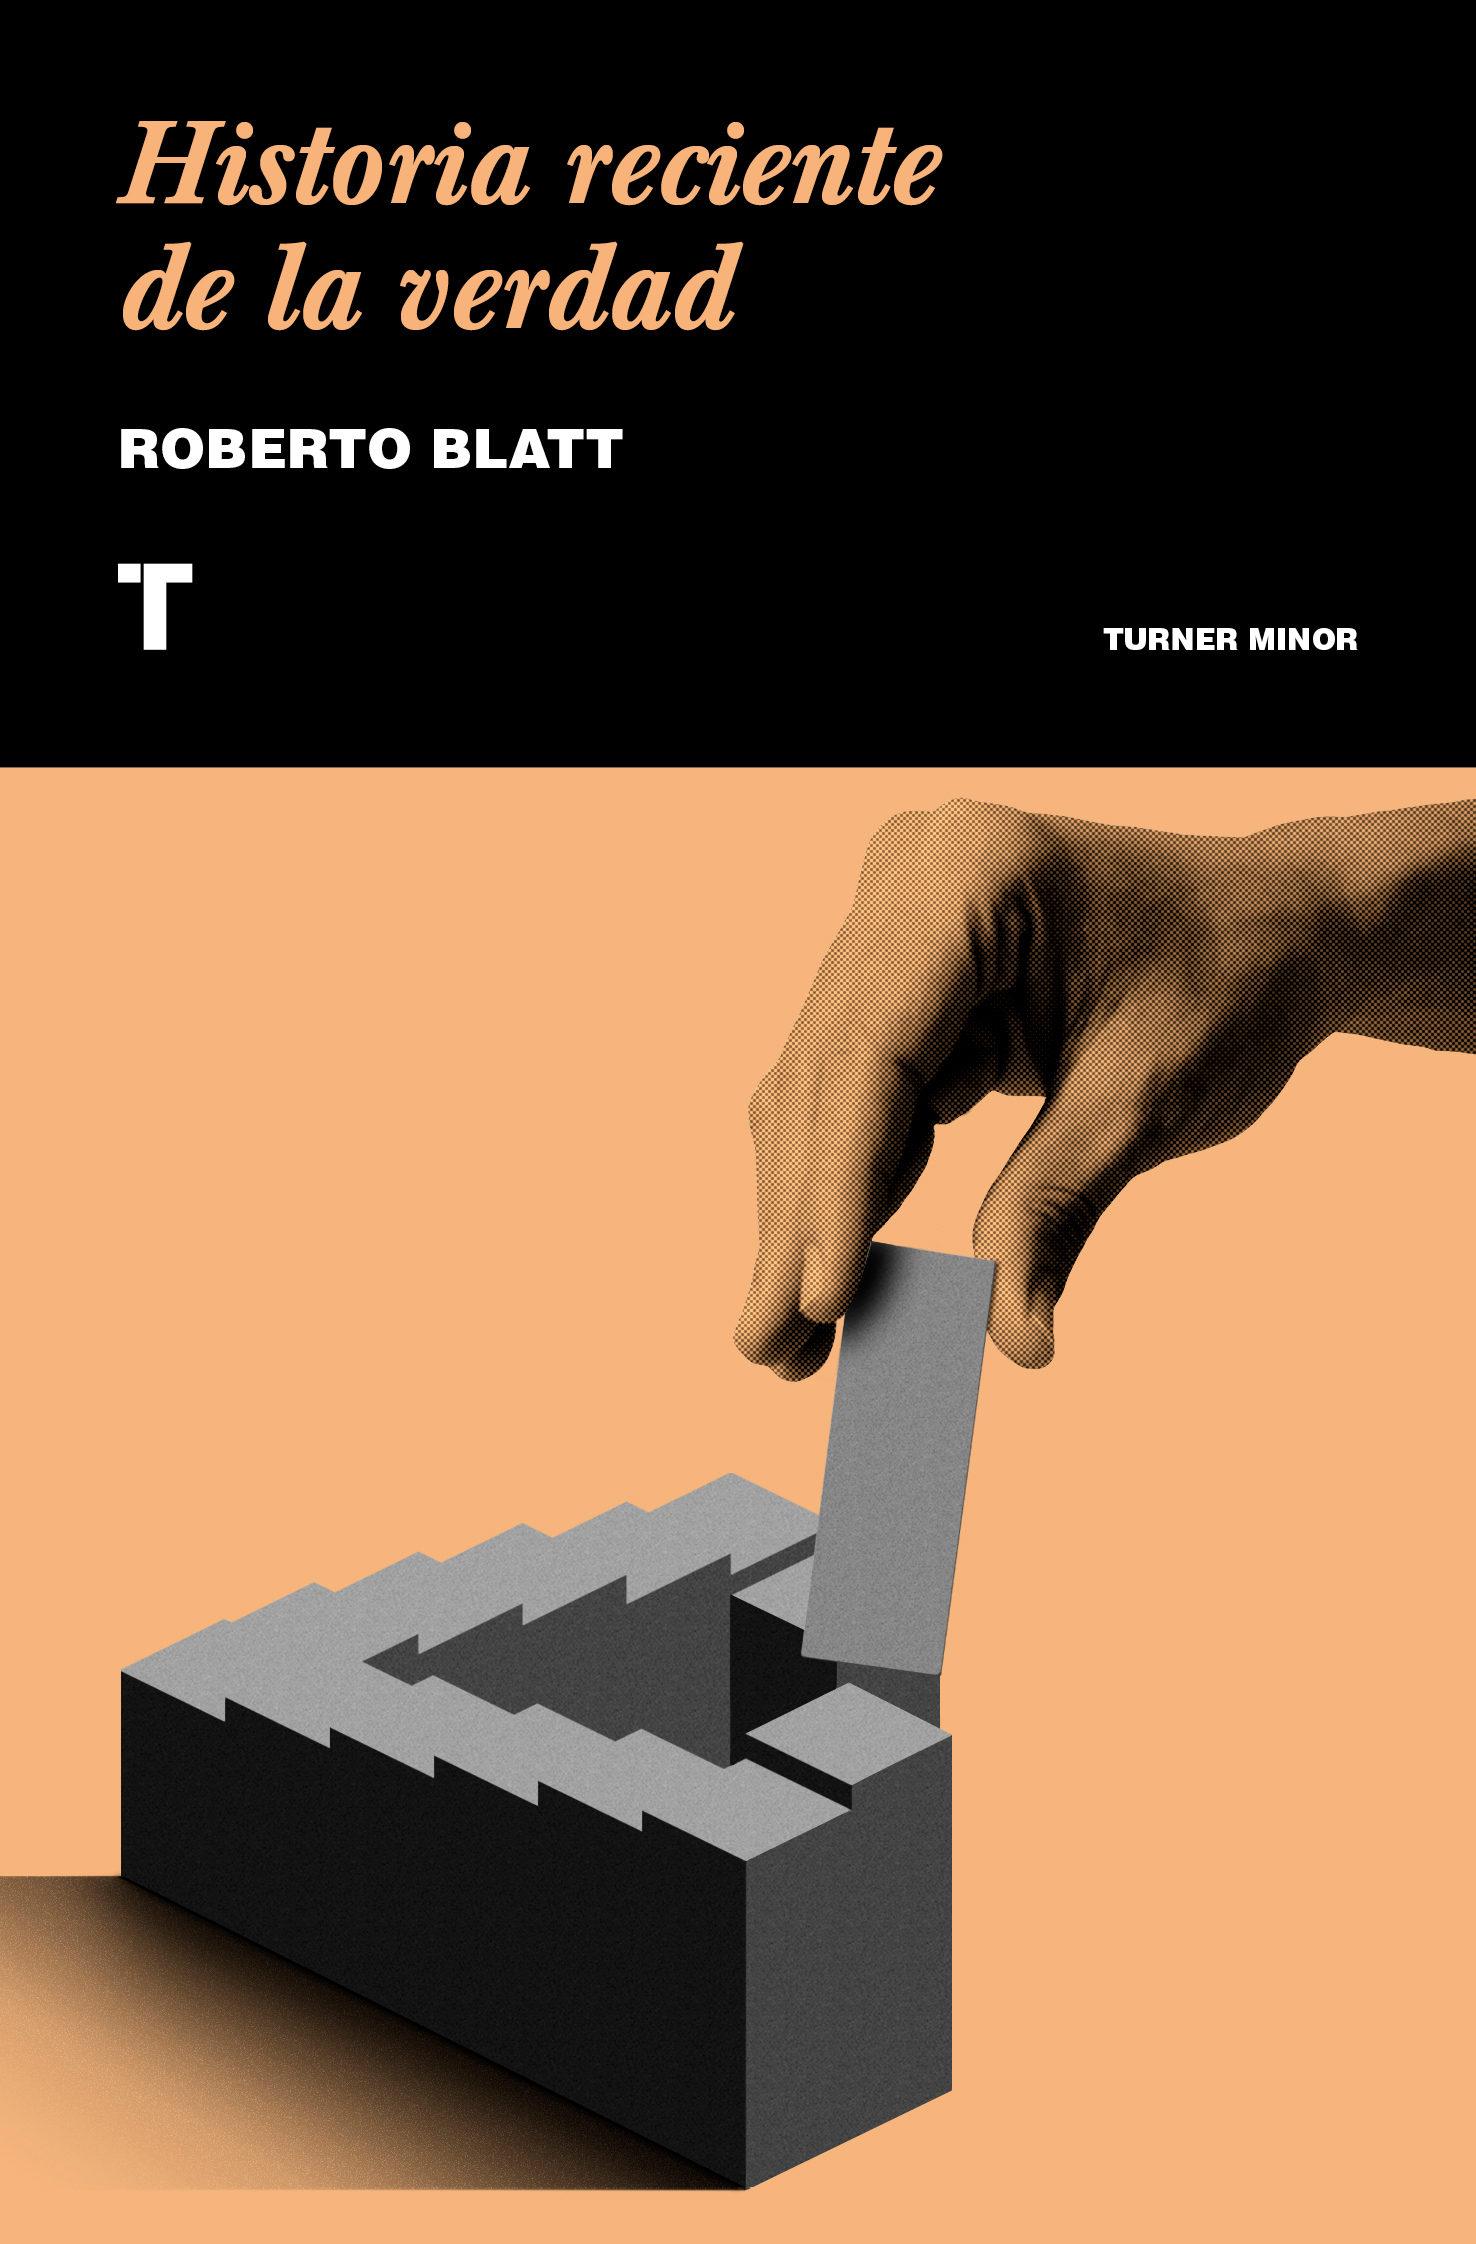 Historia reciente de la verdad. Roberto Blatt